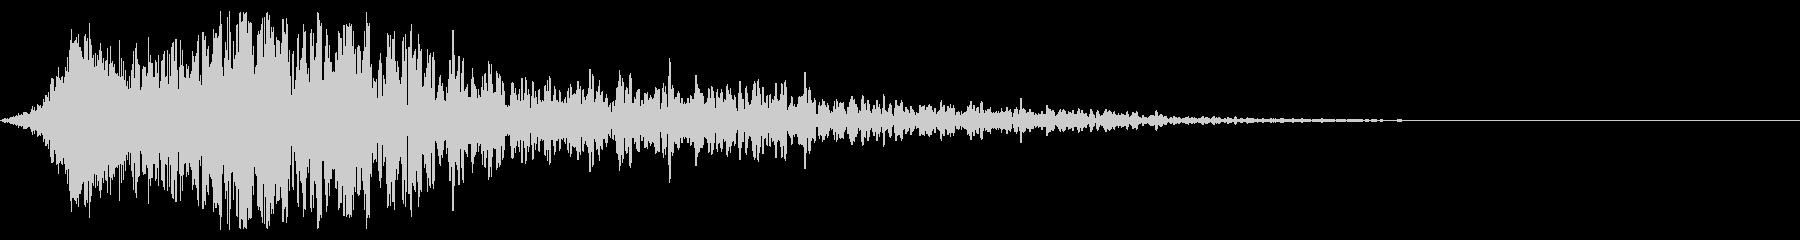 インパクト音(衝撃、突風のイメージ)の未再生の波形